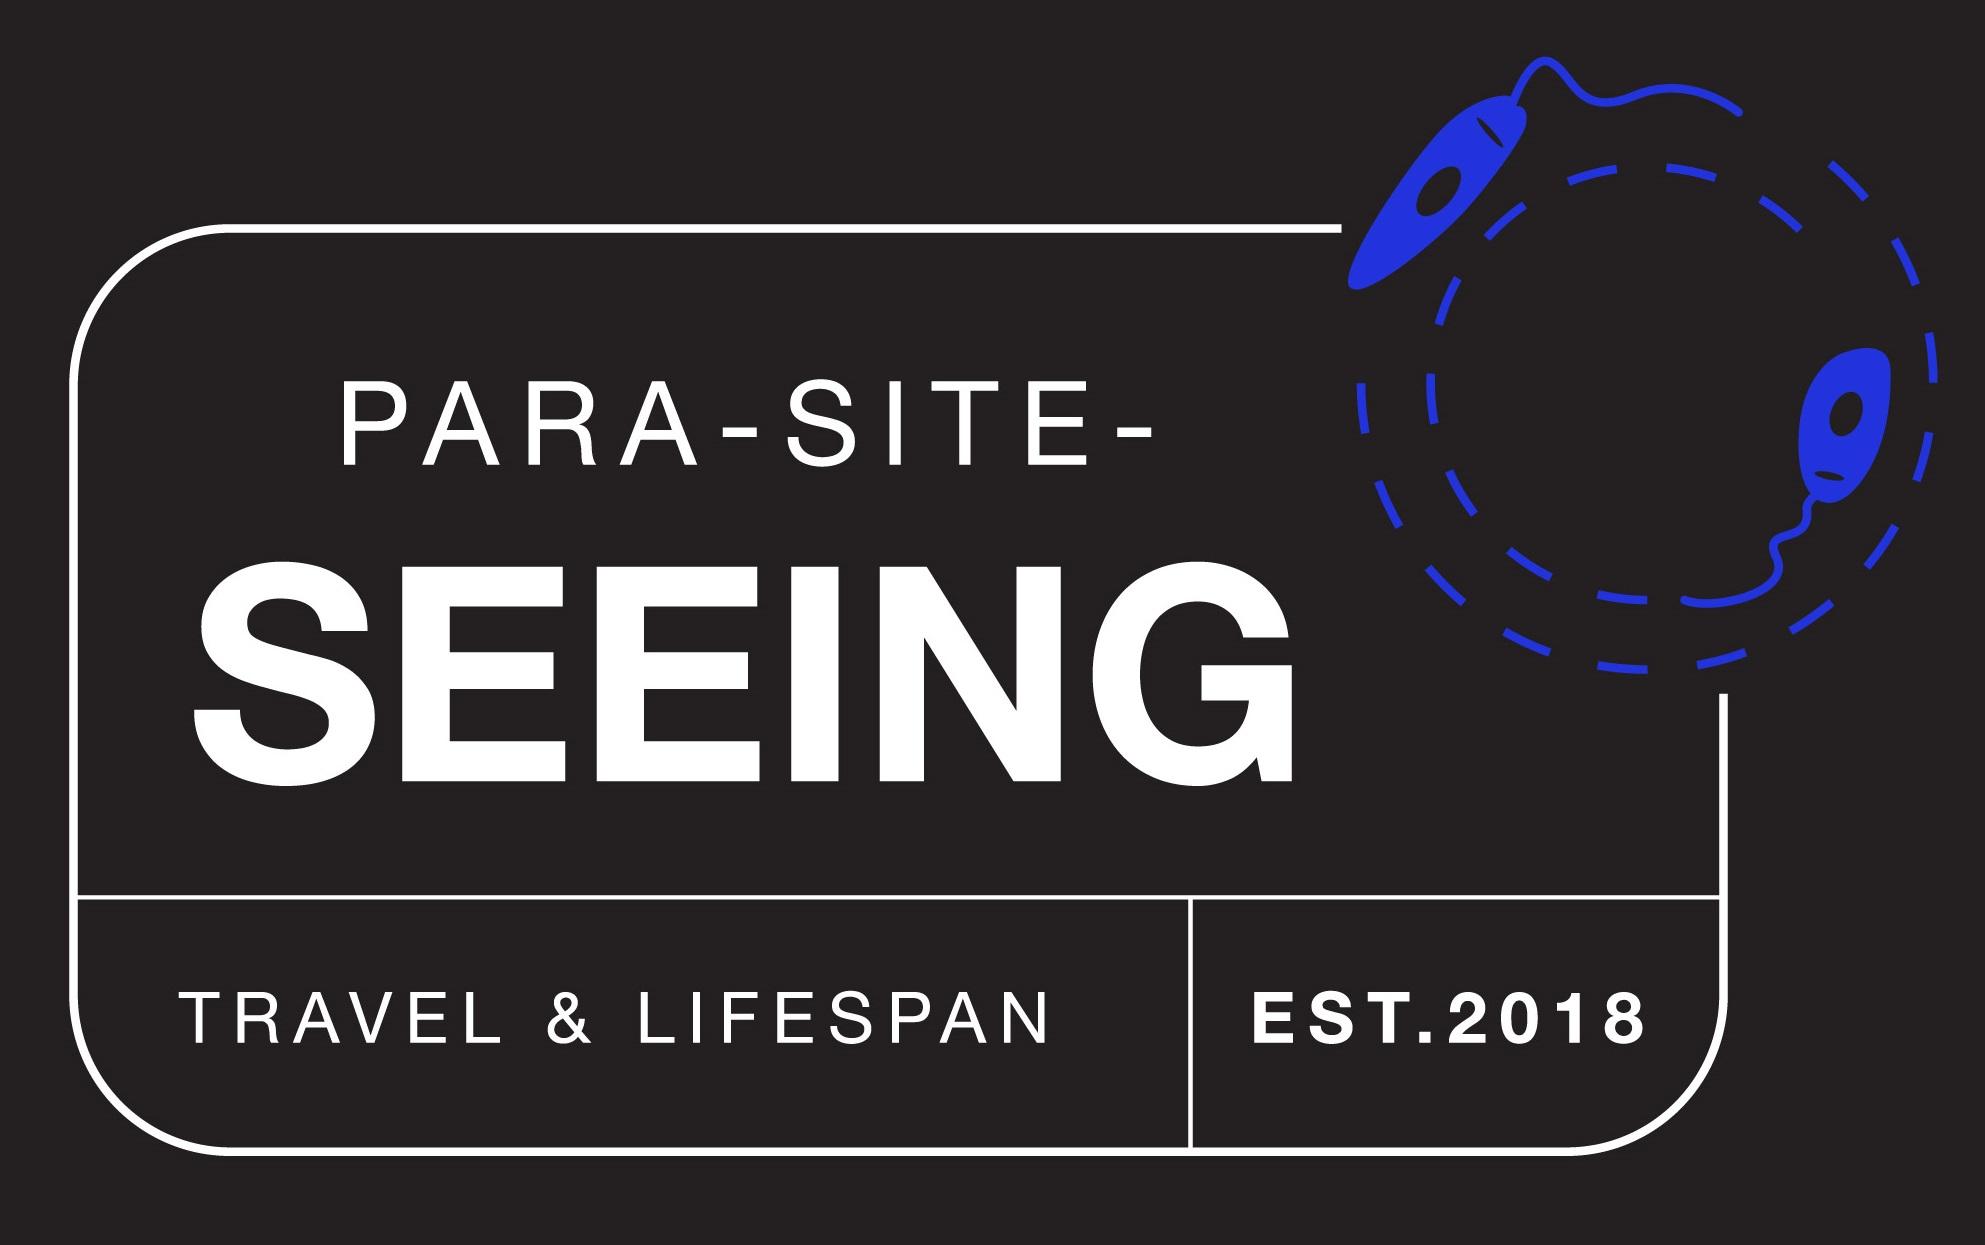 Para Site Seeing